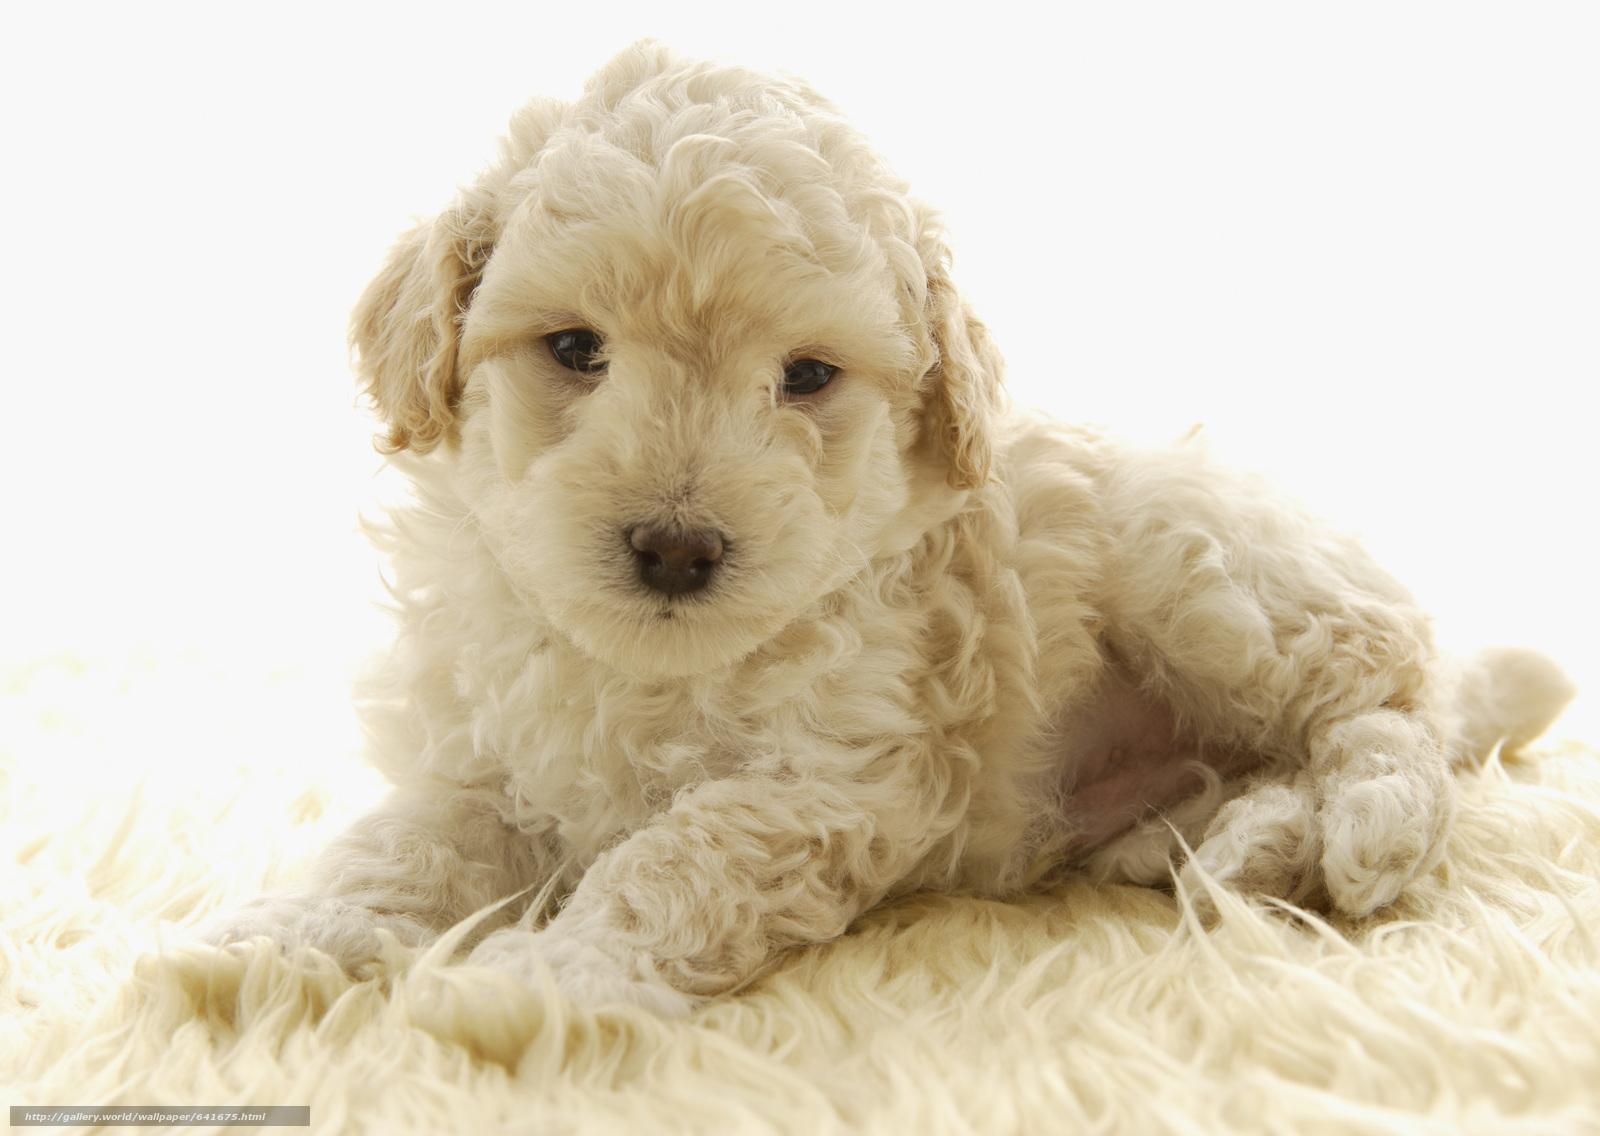 scaricare gli sfondi Cane,  cane,  cane,  cucciolo Sfondi gratis per la risoluzione del desktop 2950x2094 — immagine №641675